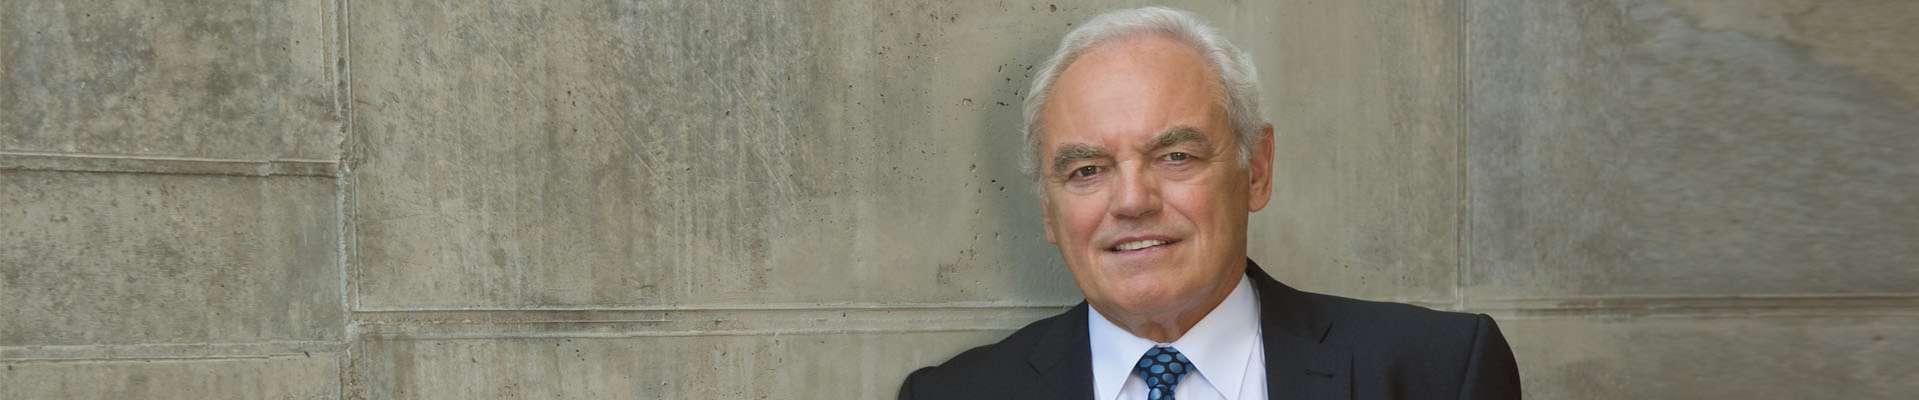 Landessportbund-Präsident Walter Schneeloch